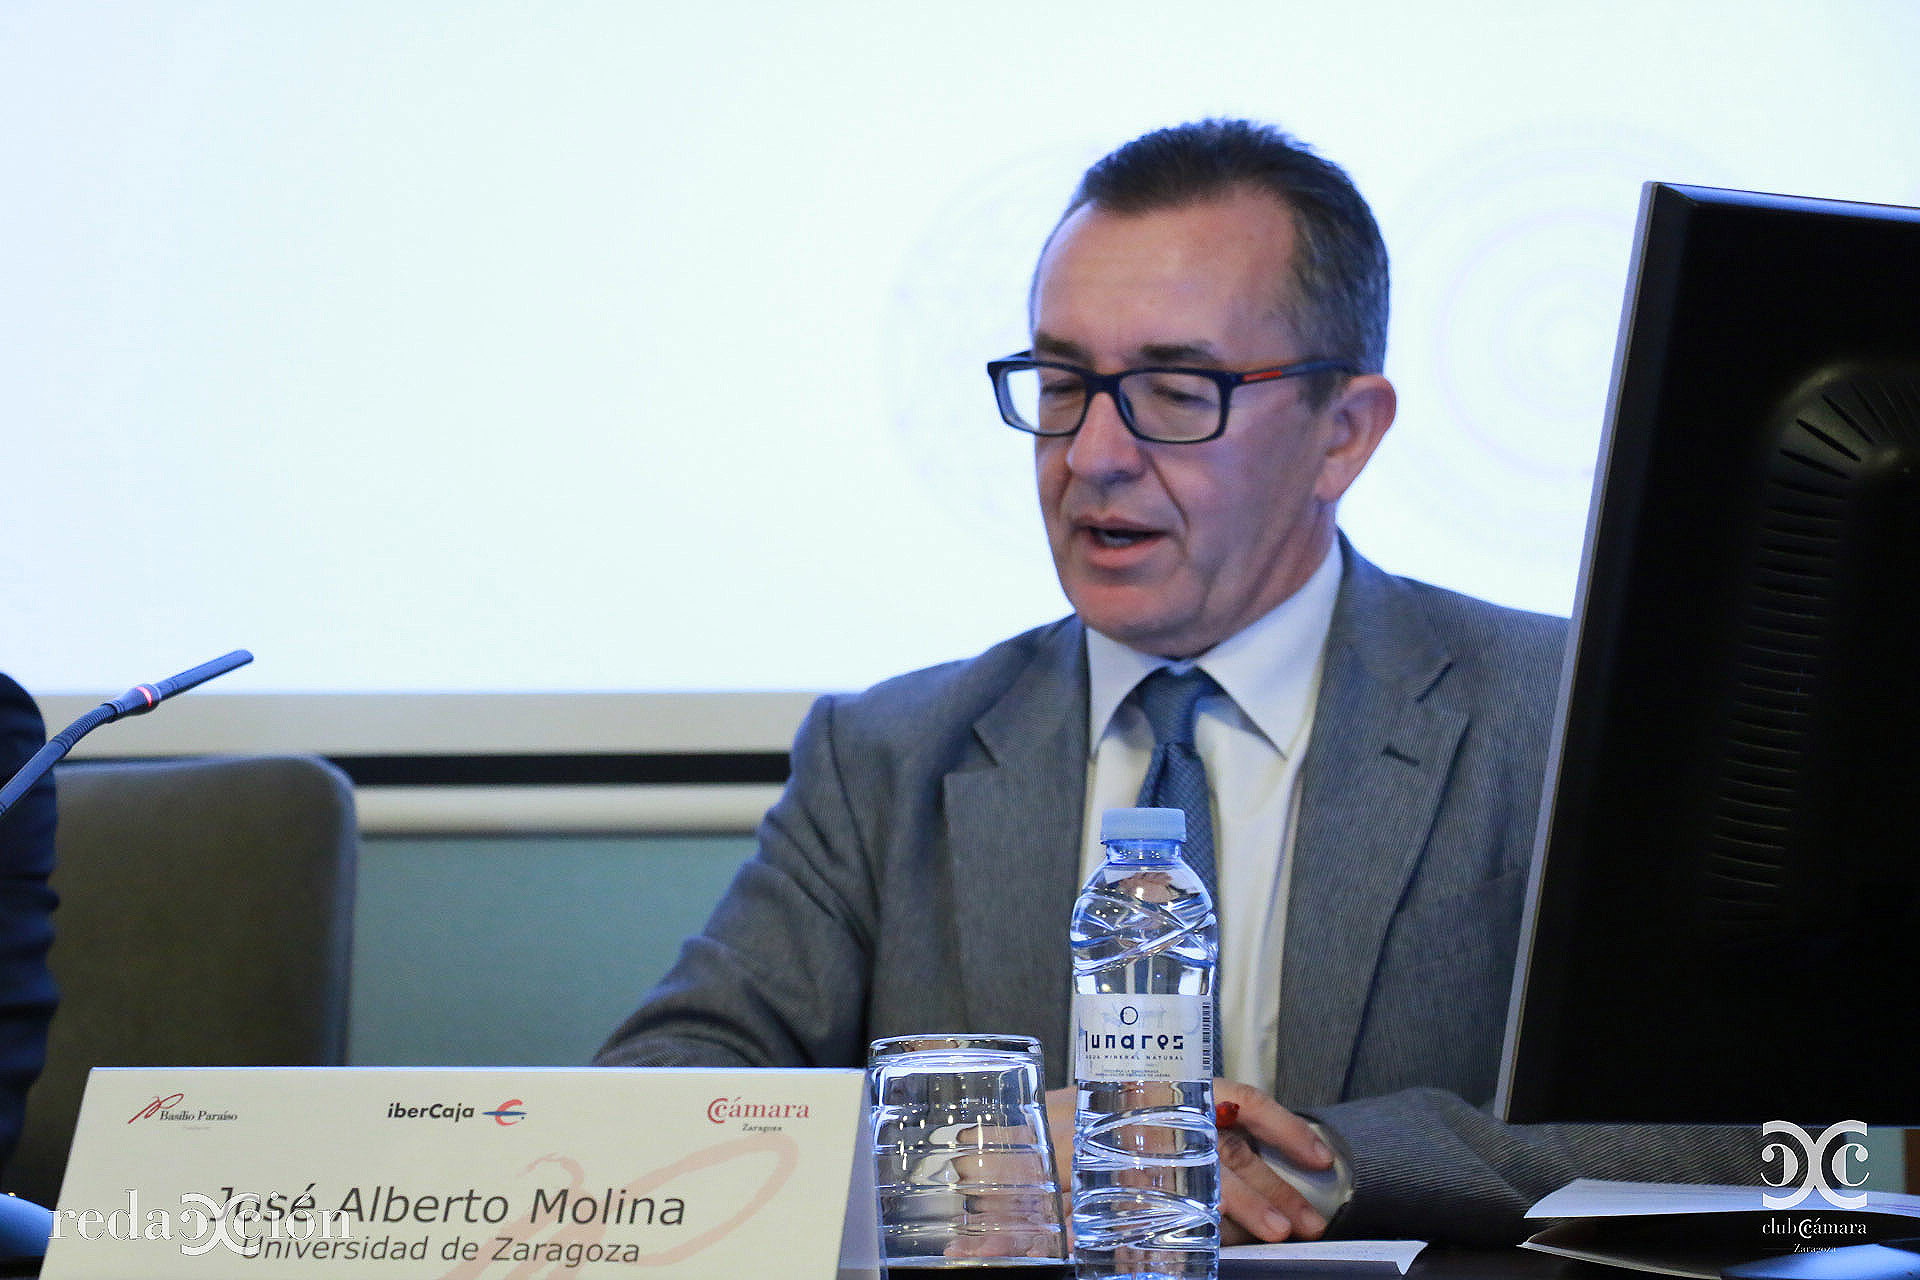 José Alberto Molina